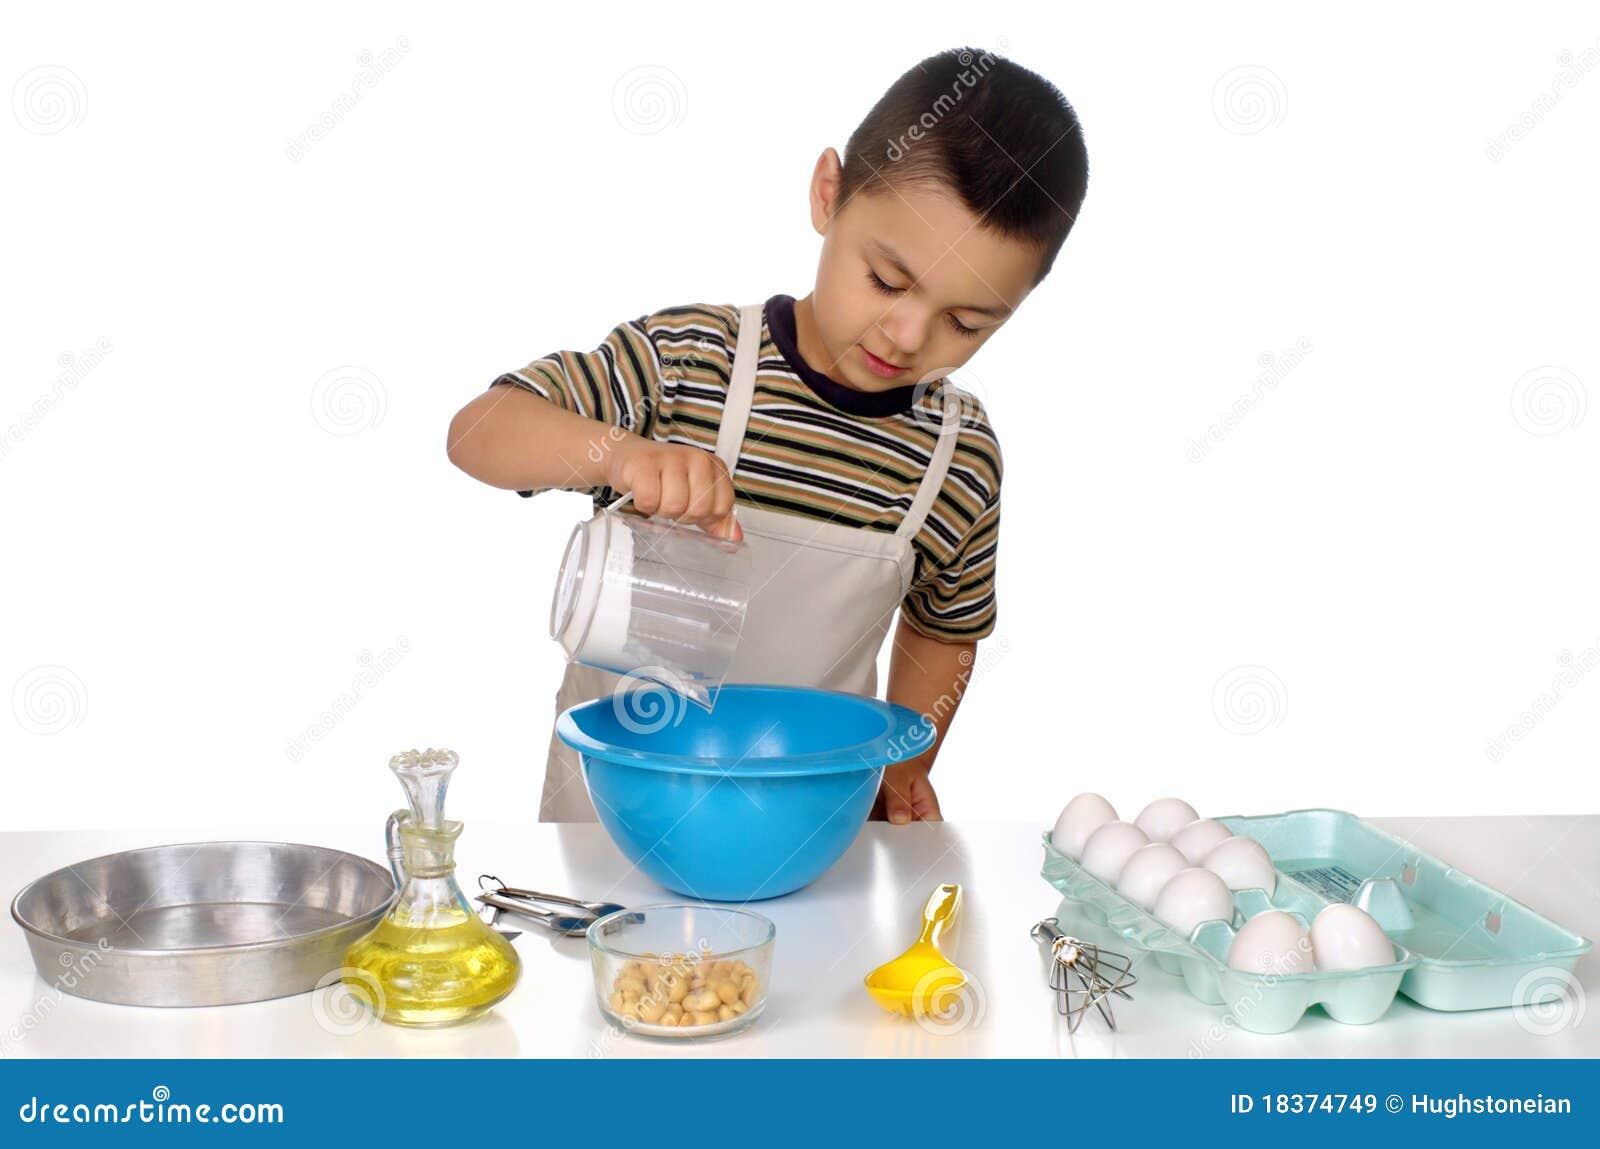 Cake Pan Cooking Time